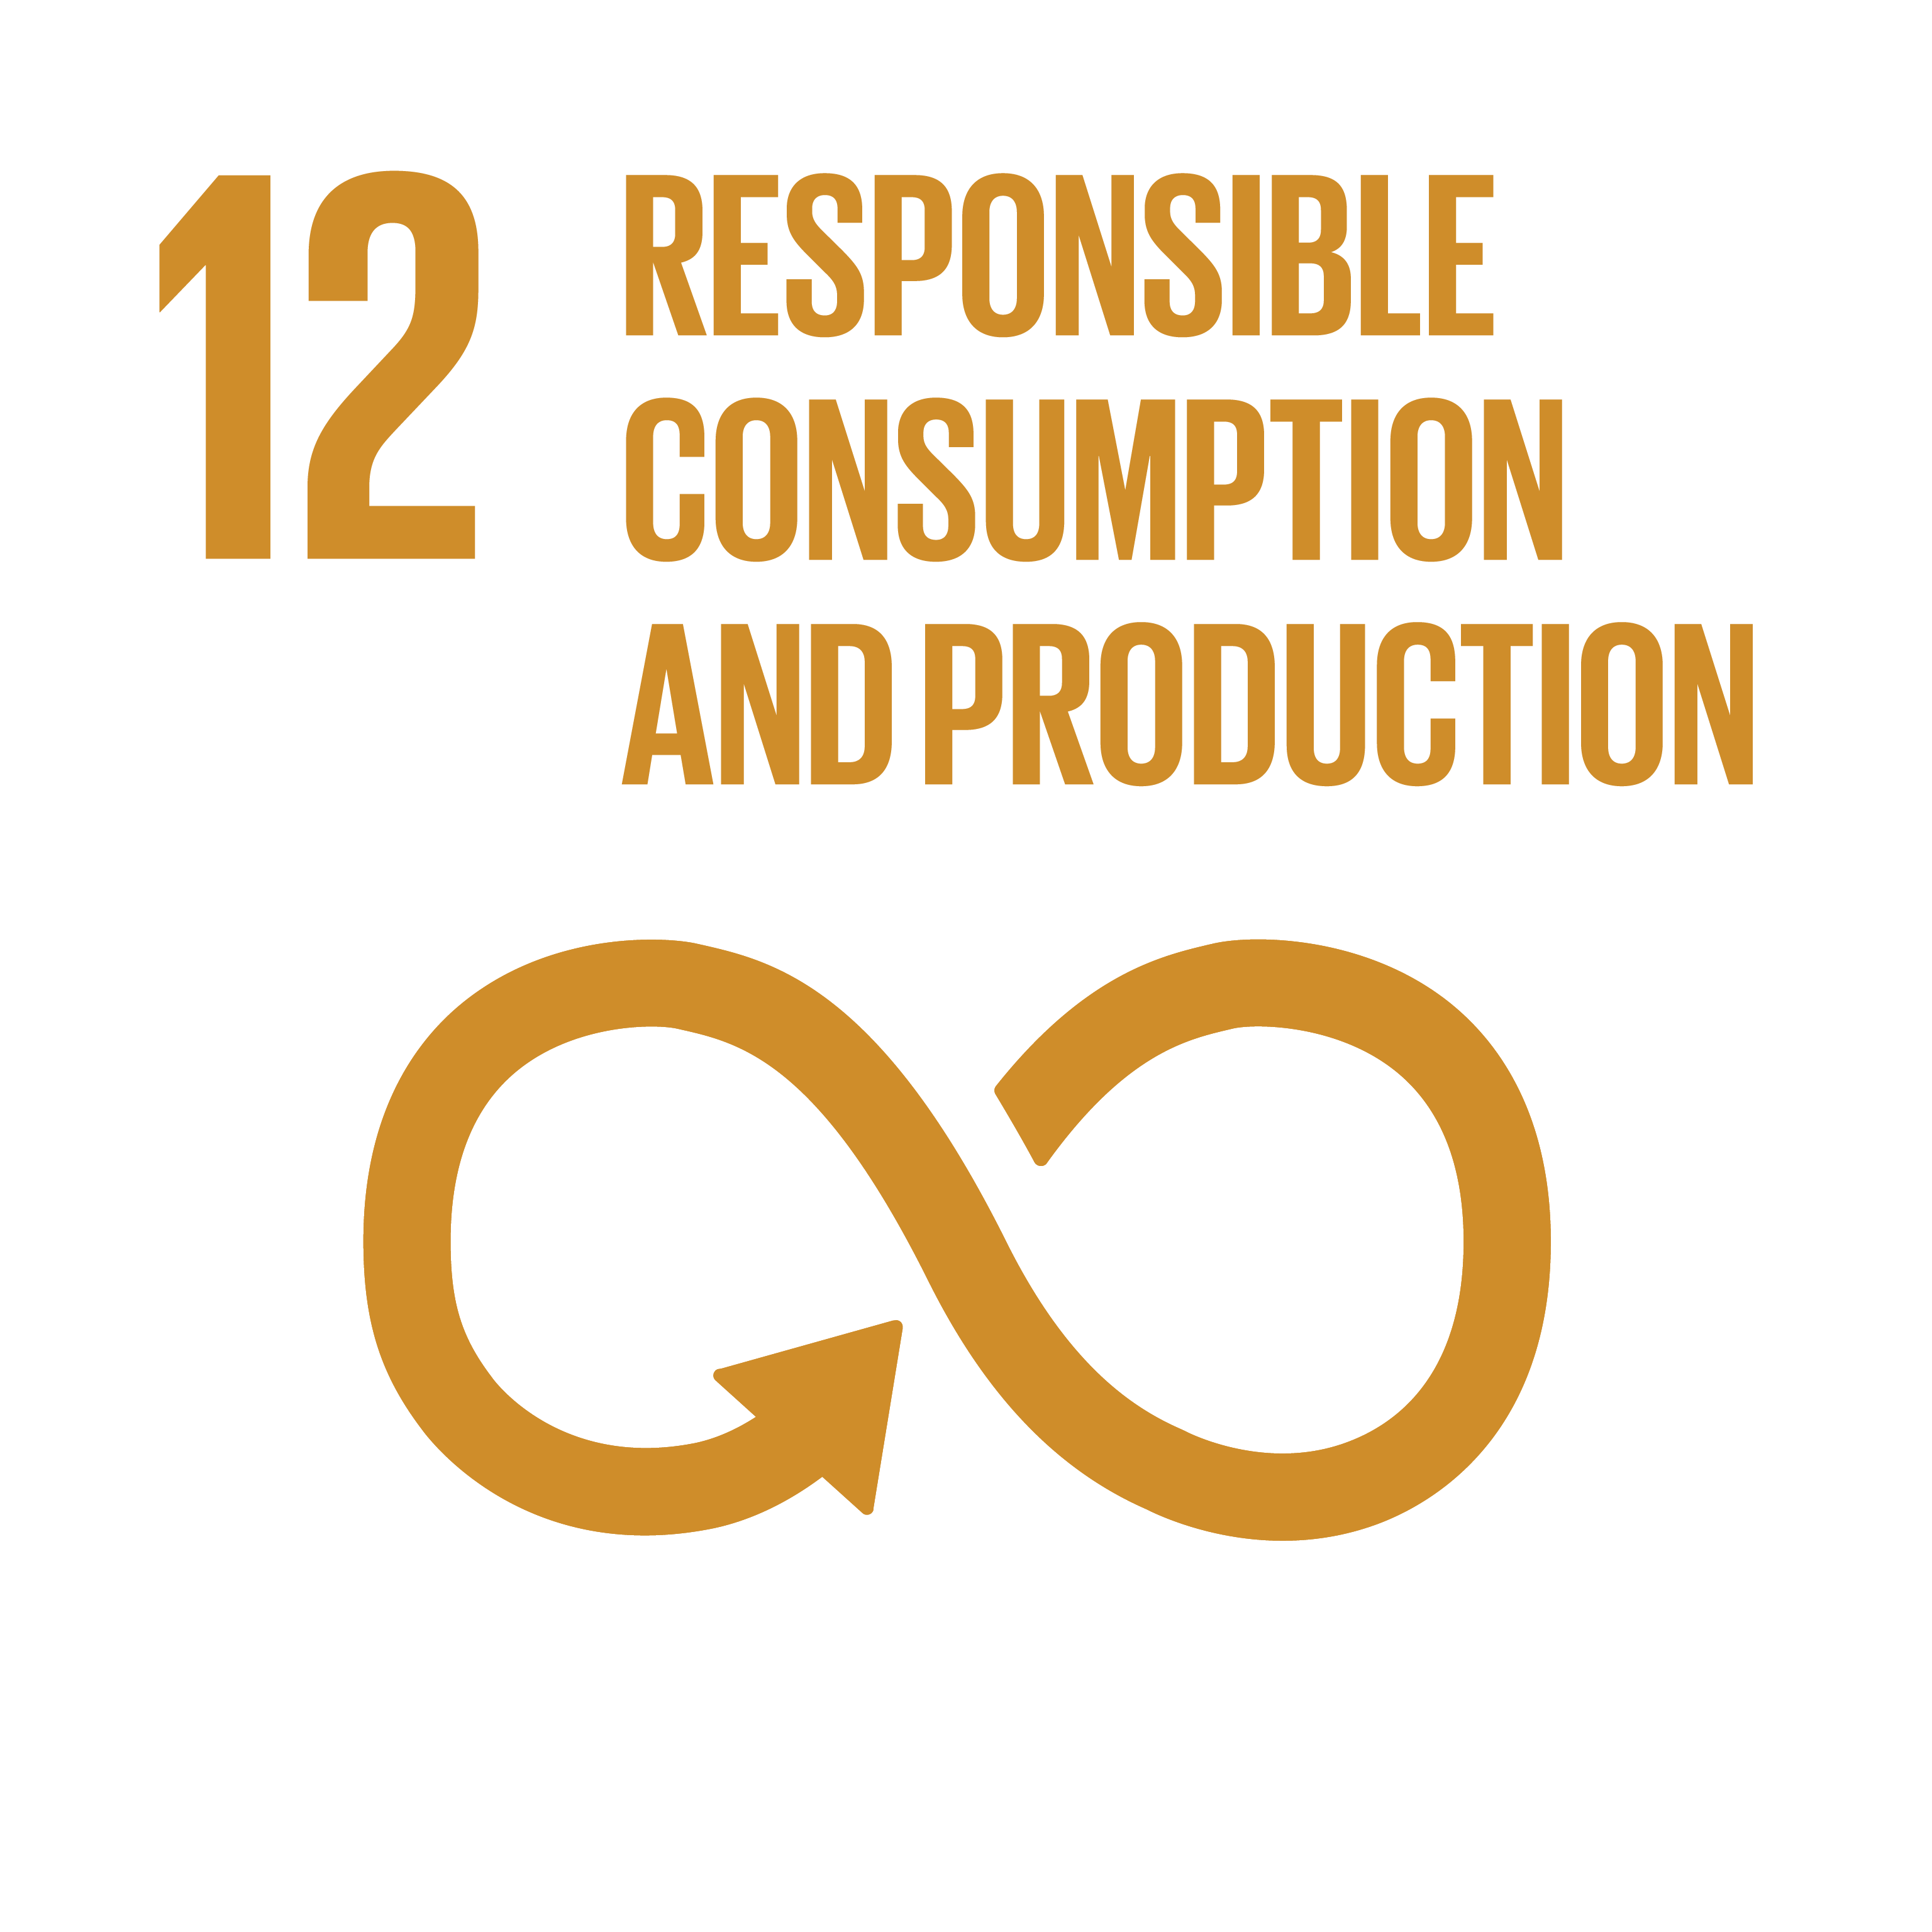 Image SDG 12; © UN